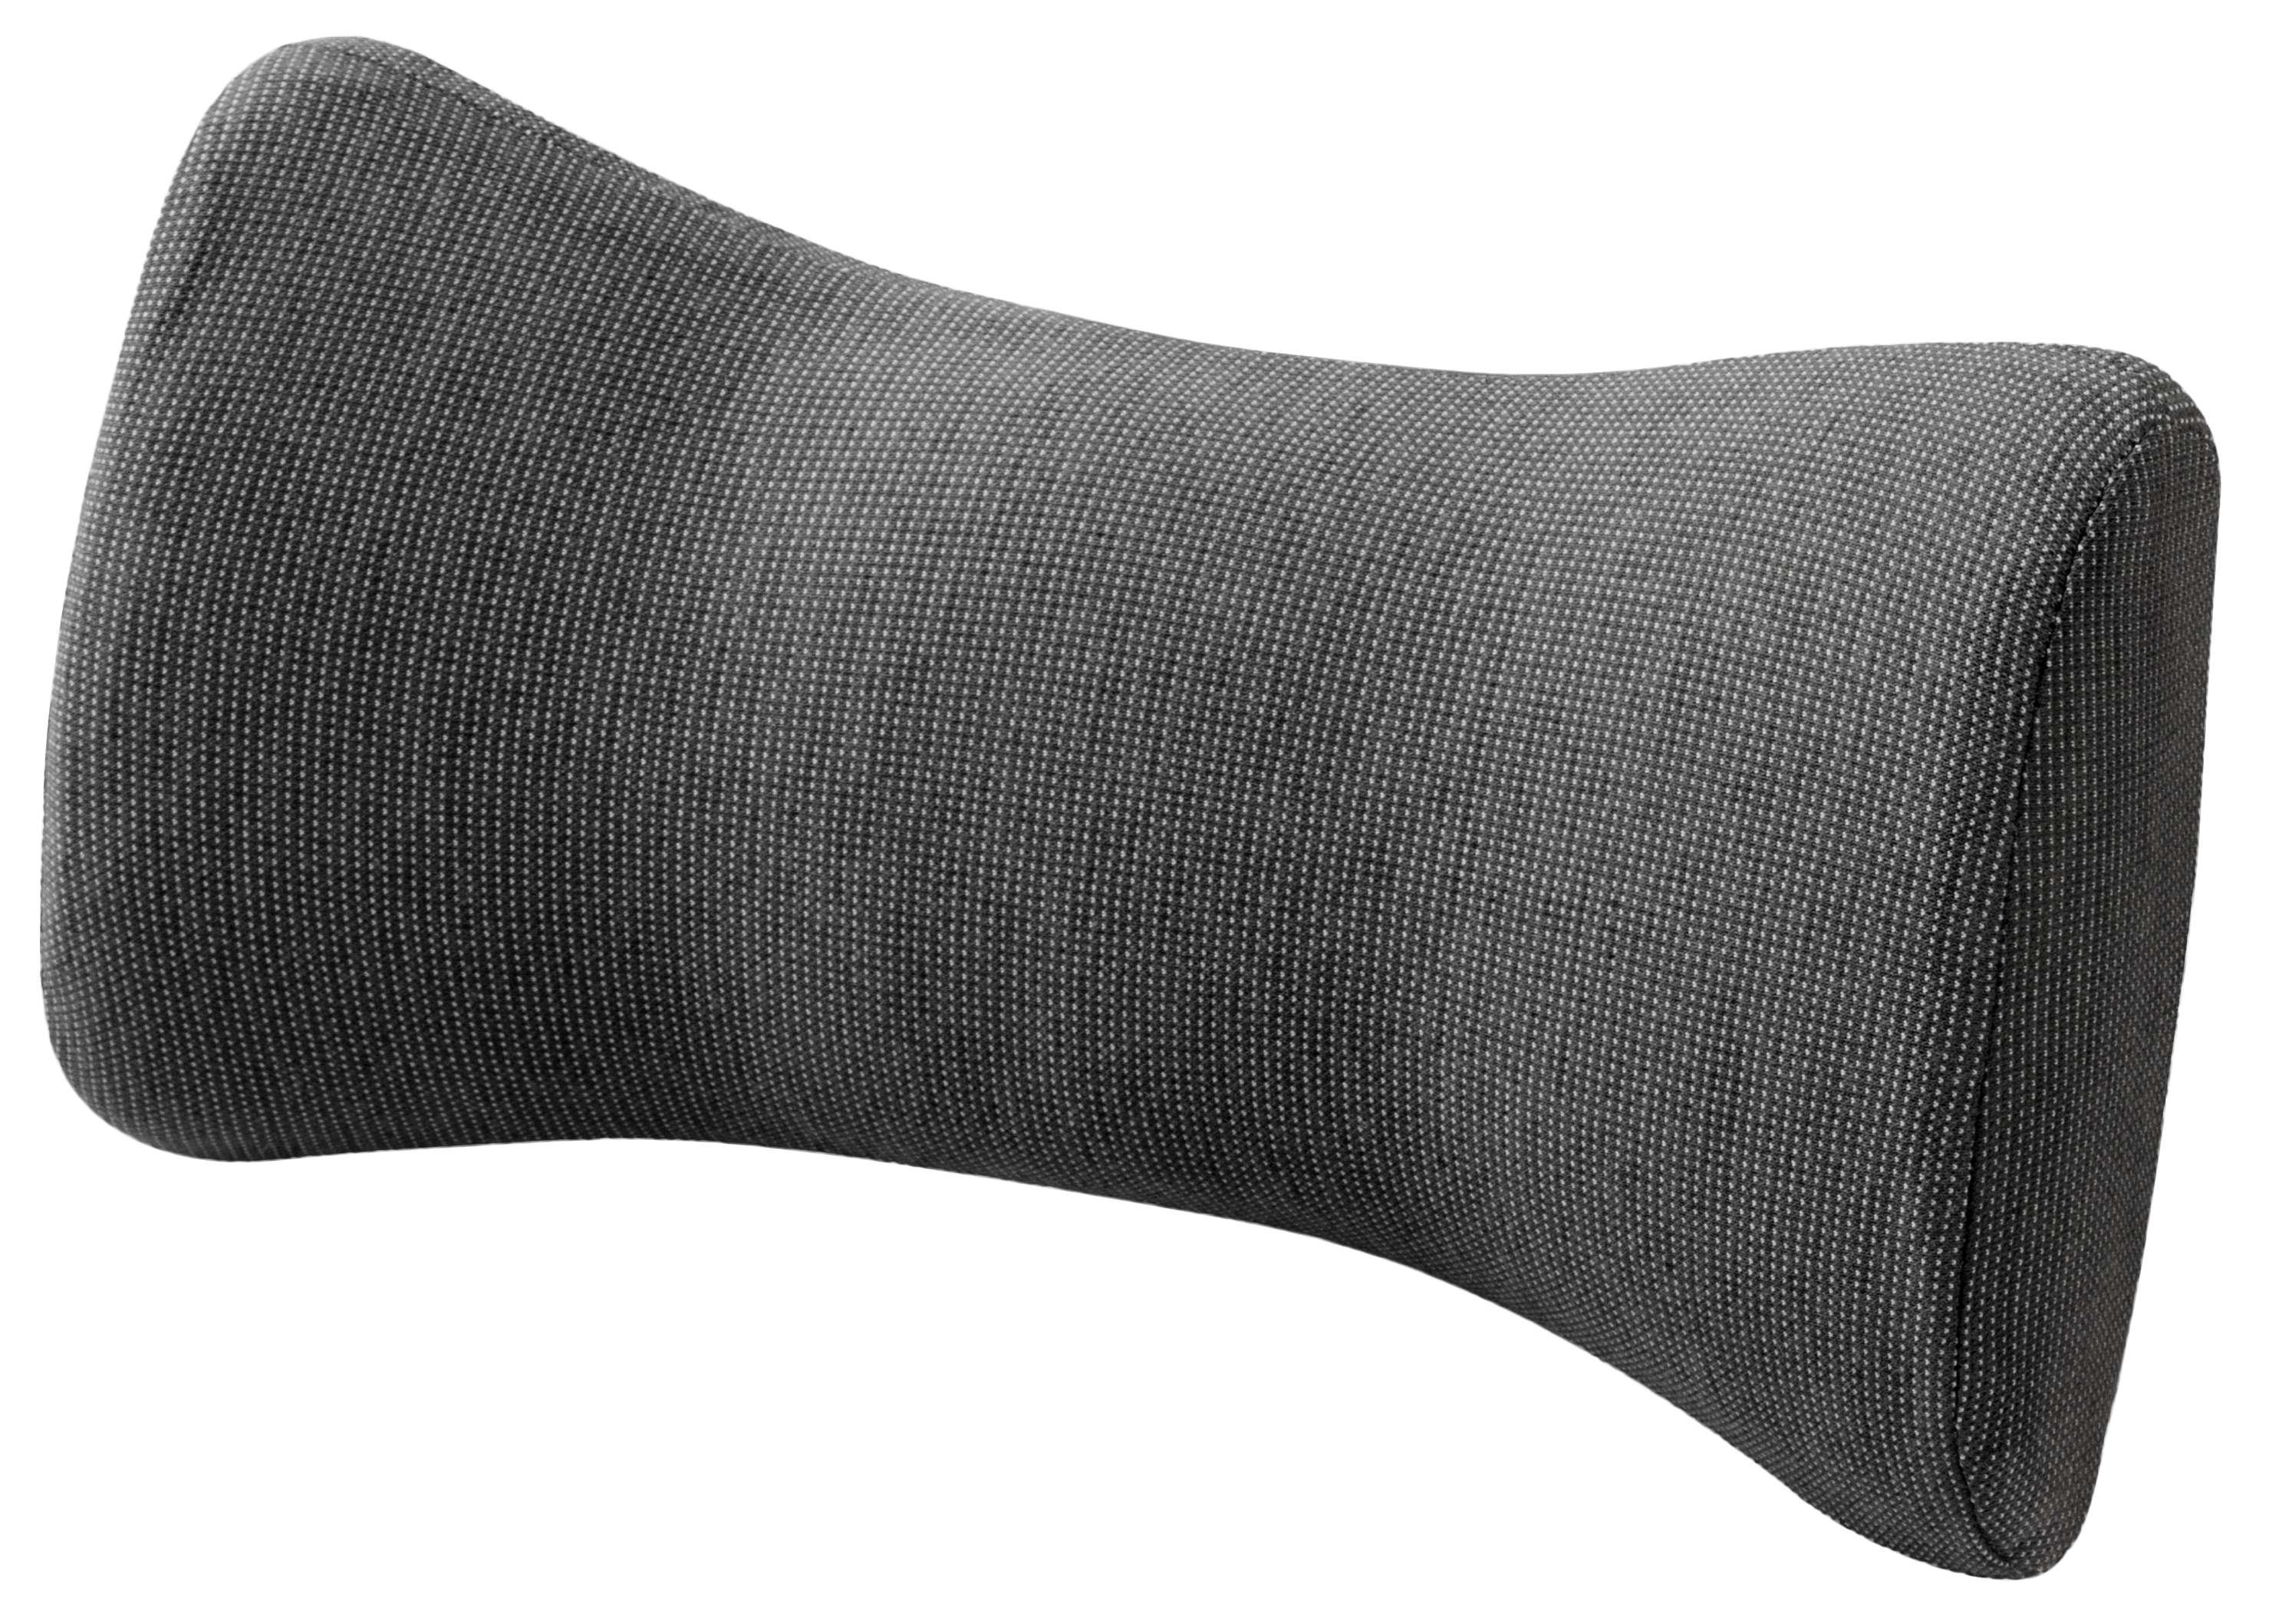 Възглавница за врат 27006 WALSER 27006 в оригиналното качество